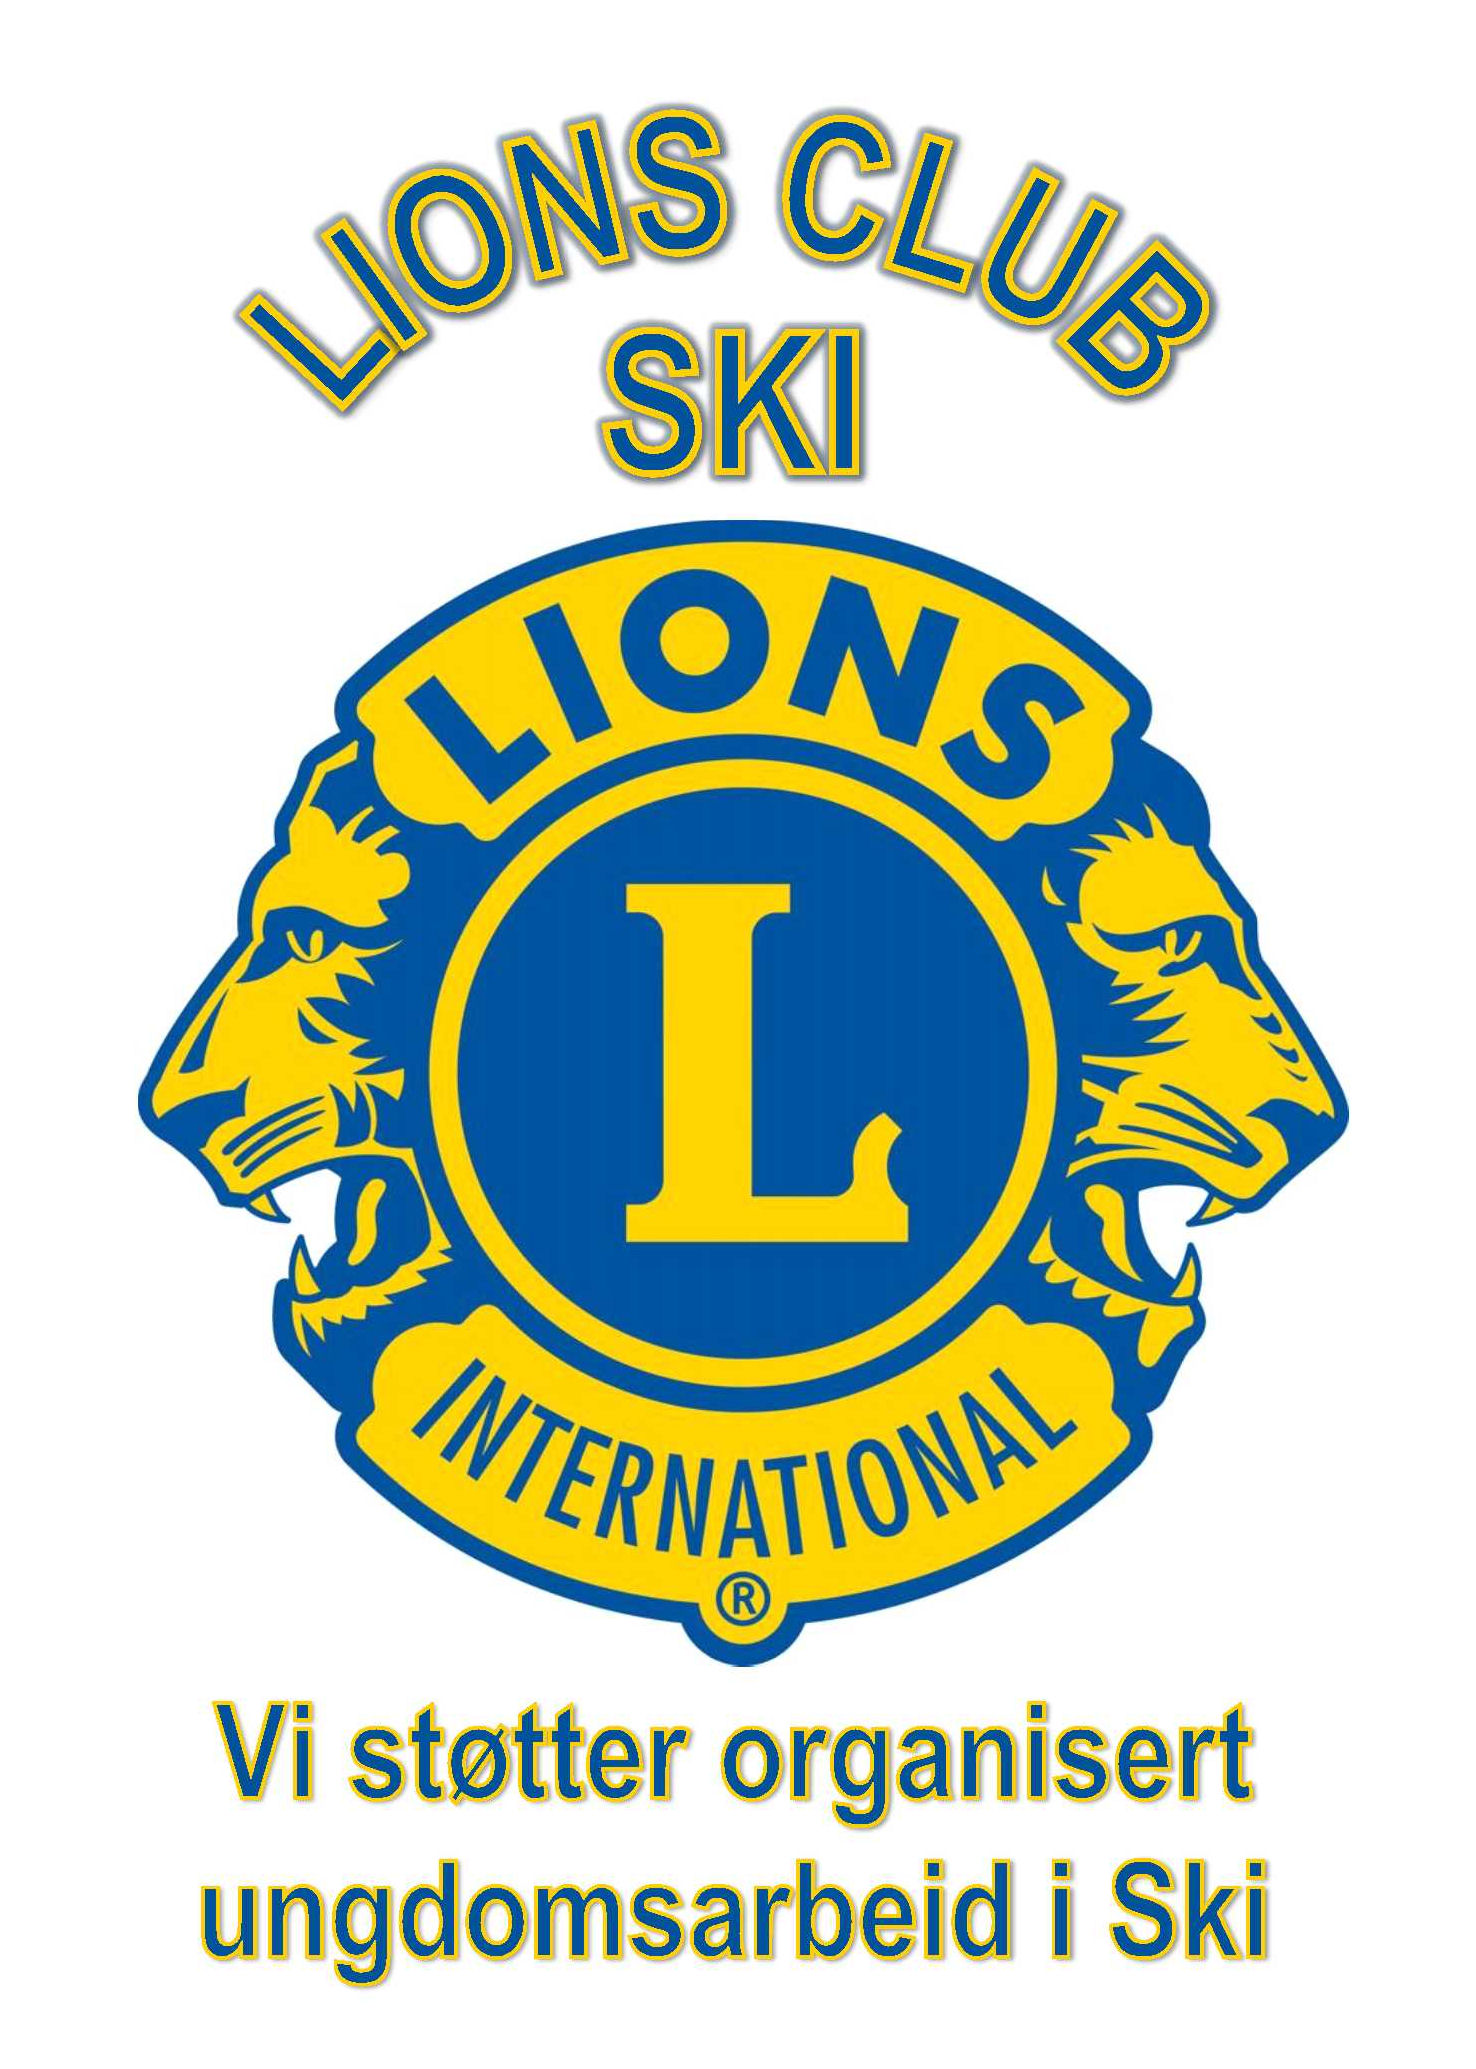 Lions Club Ski